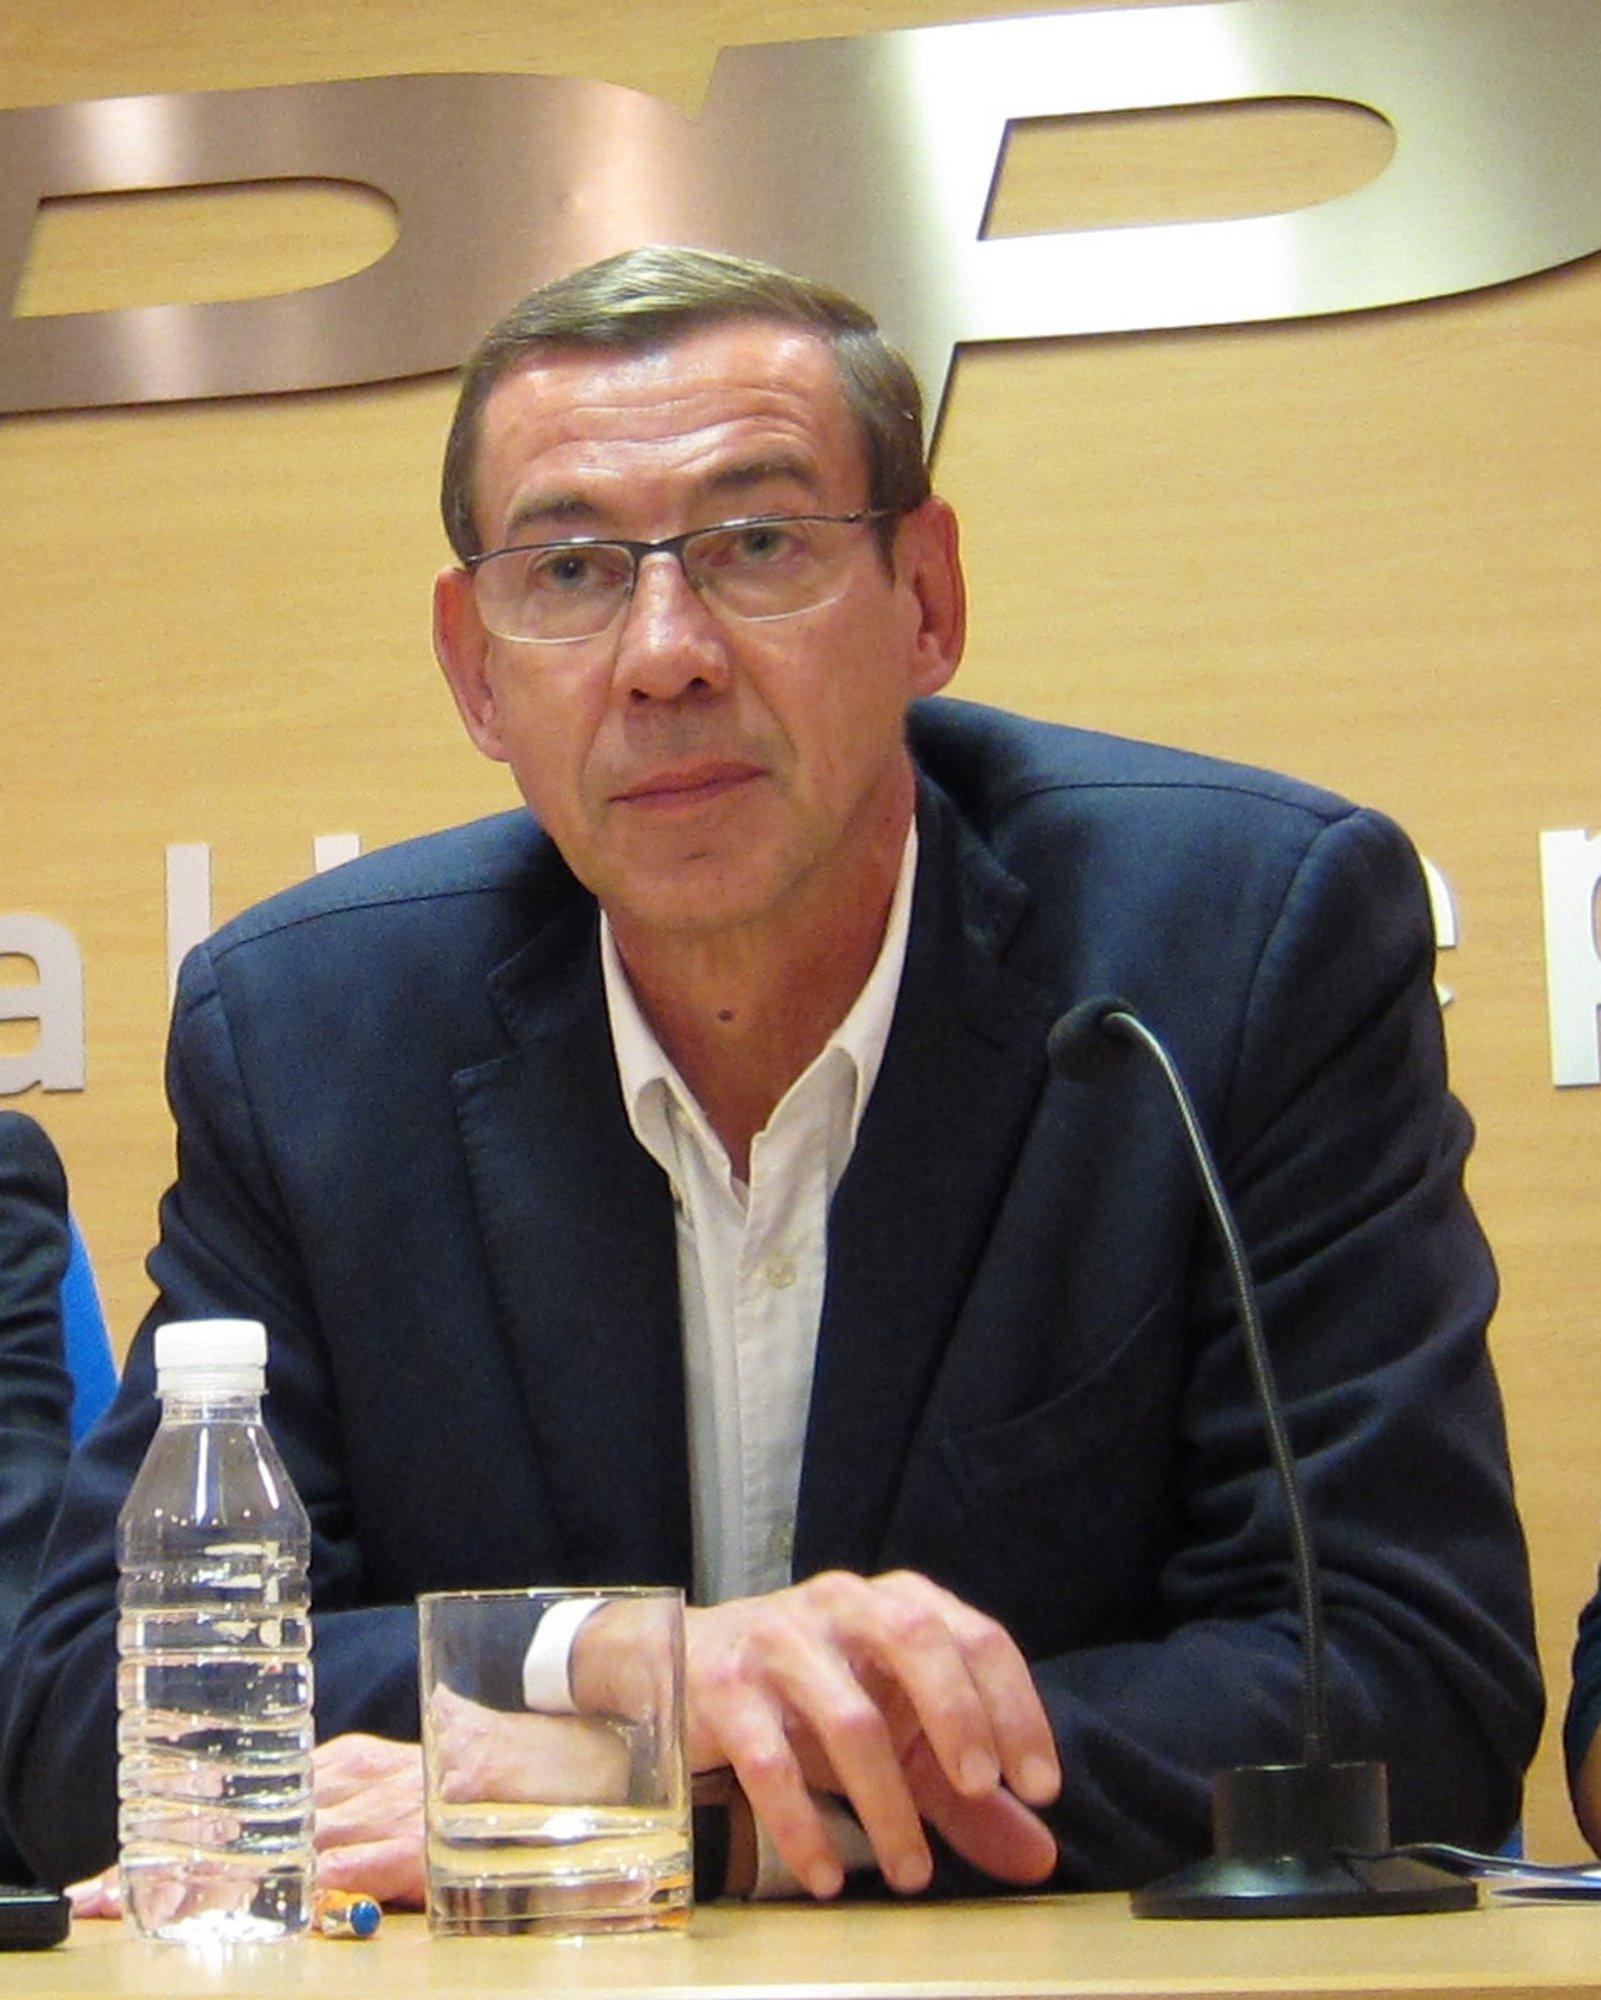 Clemente (PPCV) lamenta que Puig «trate de alarmar a la sociedad con engaños y mentiras»